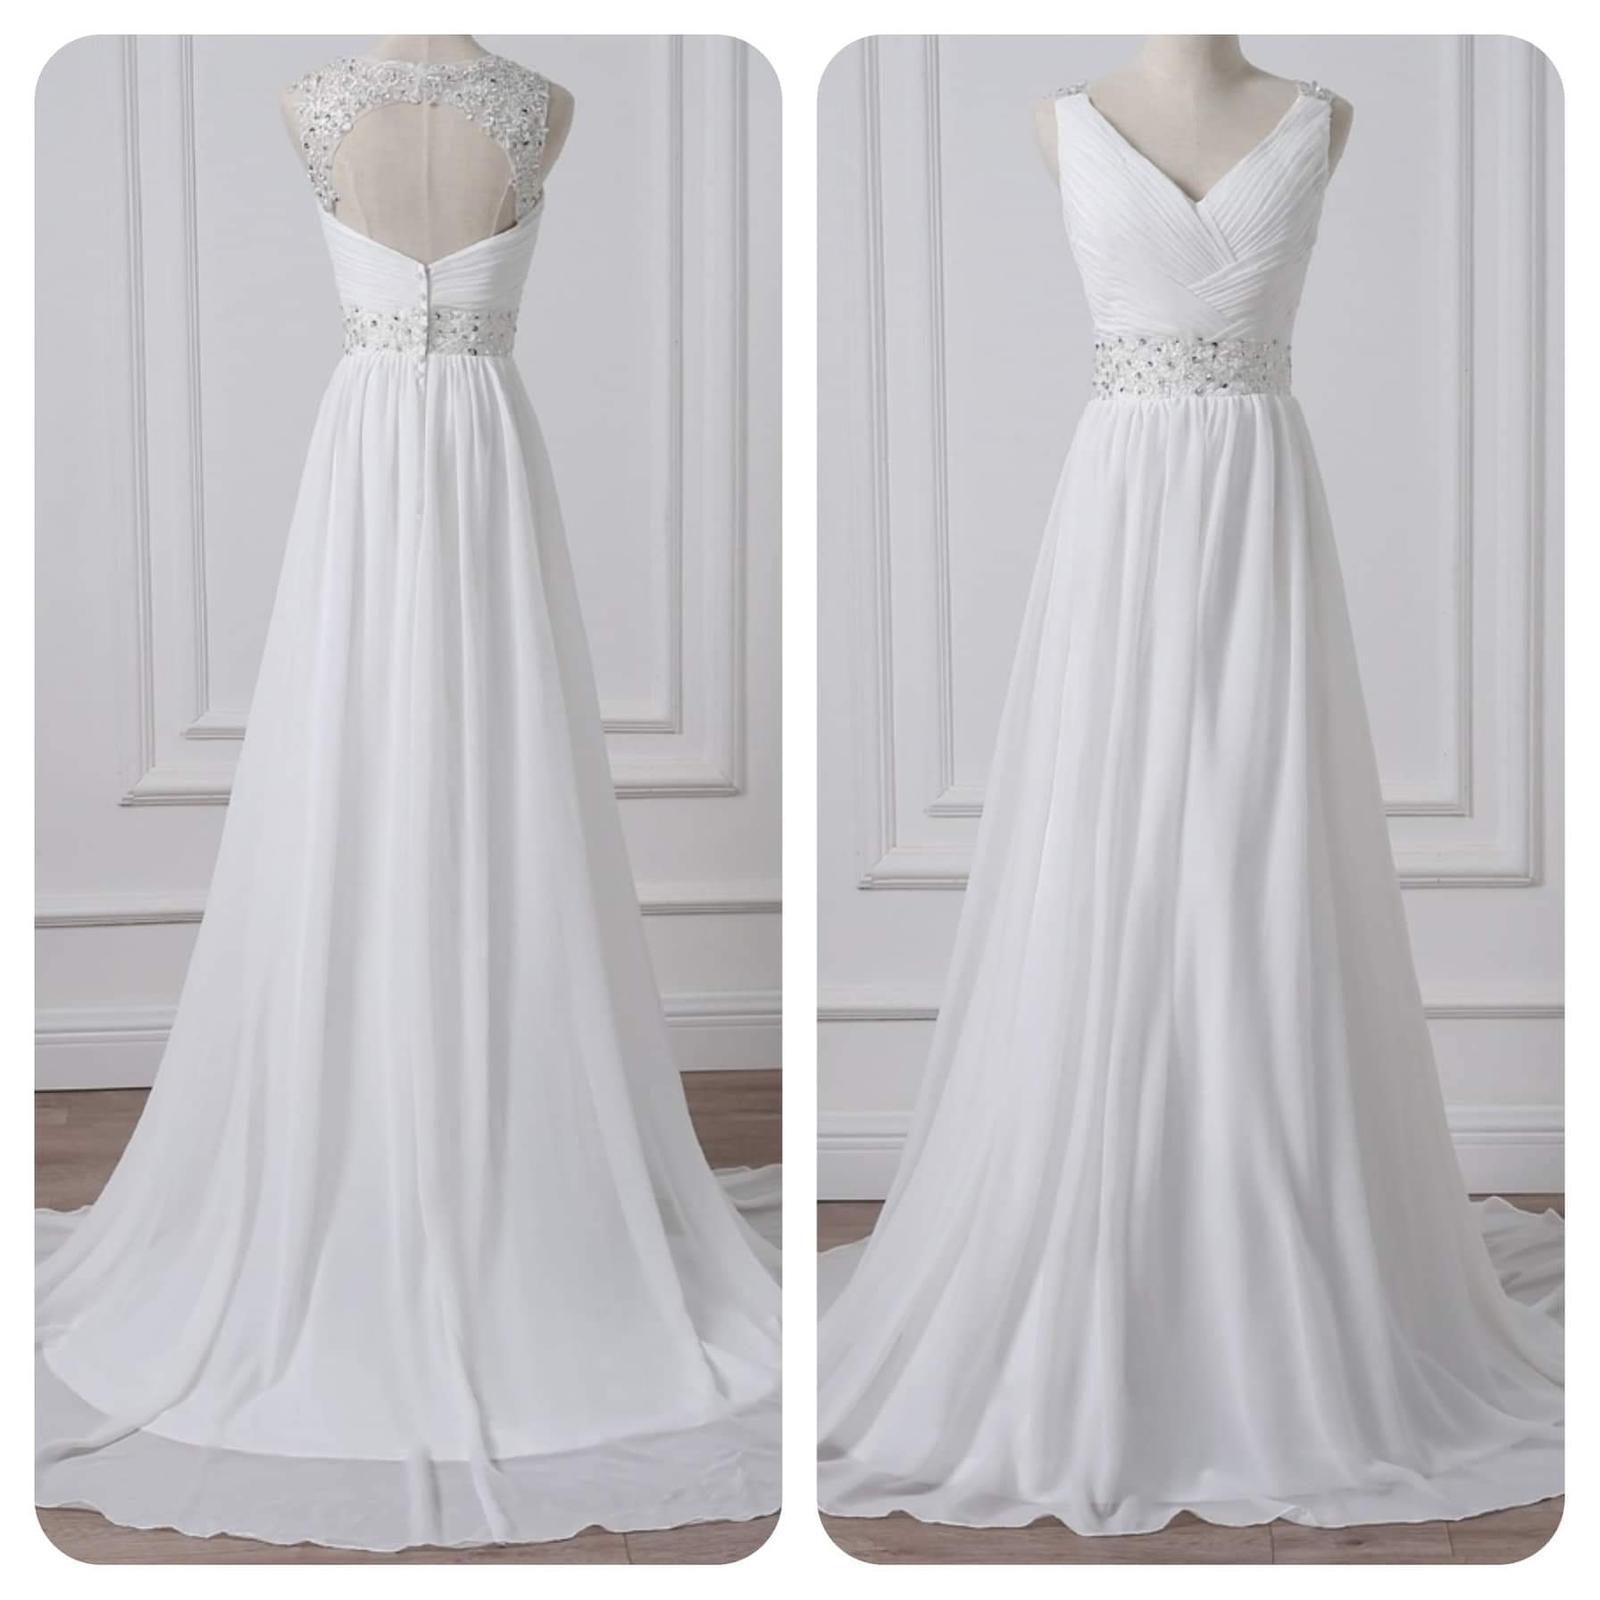 svadobné šaty - Obrázek č. 2